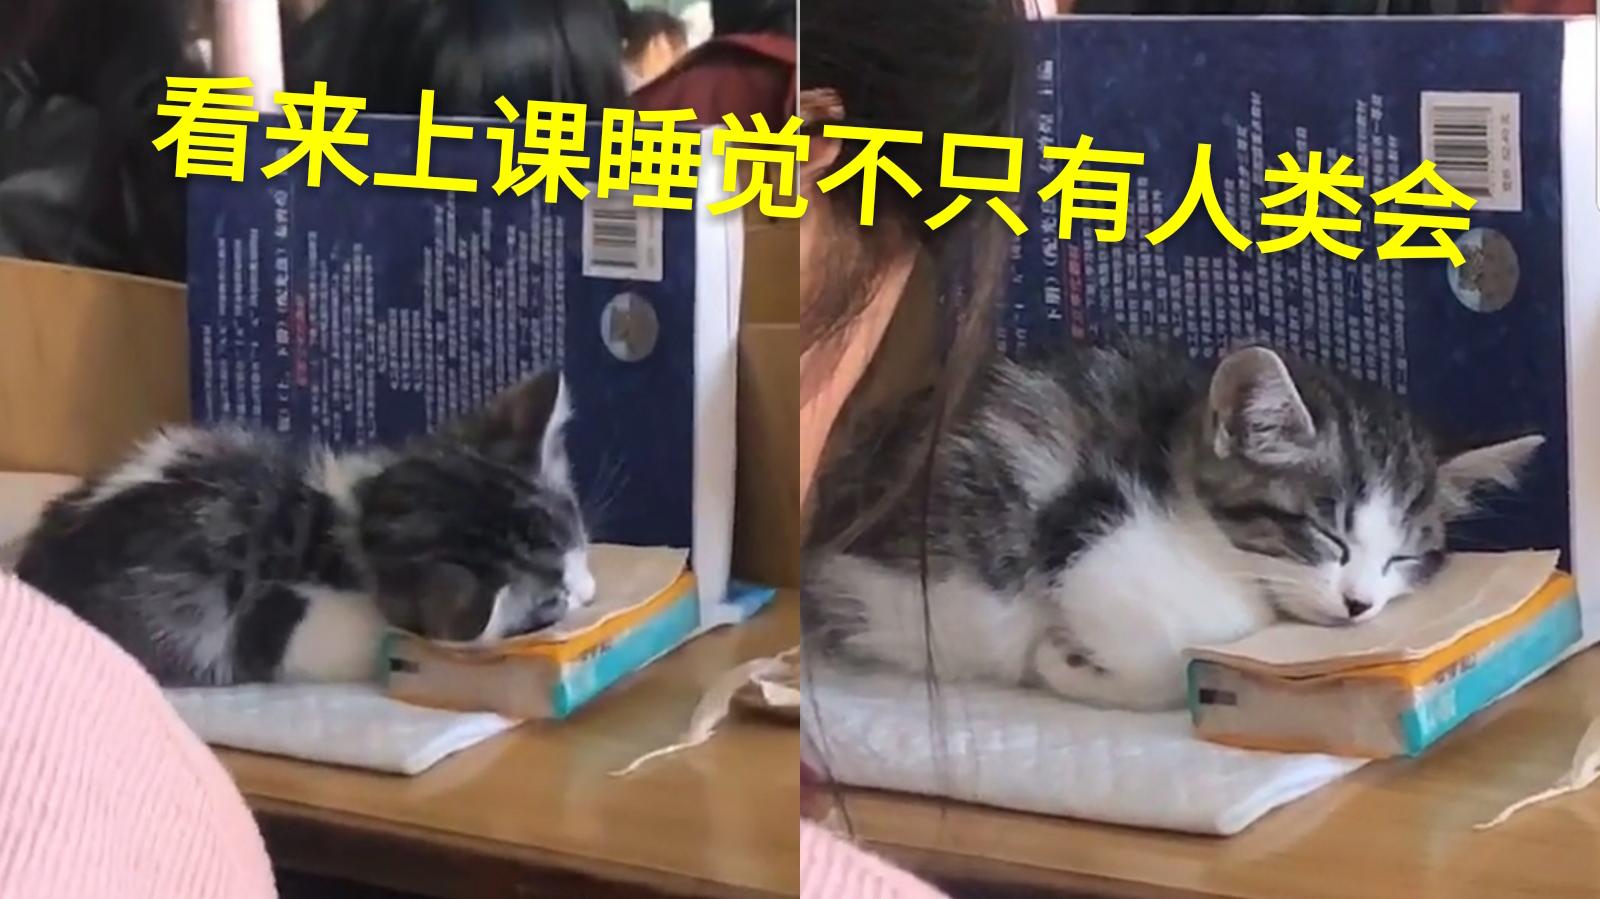 报告老师,这有位同学蹭课还睡觉